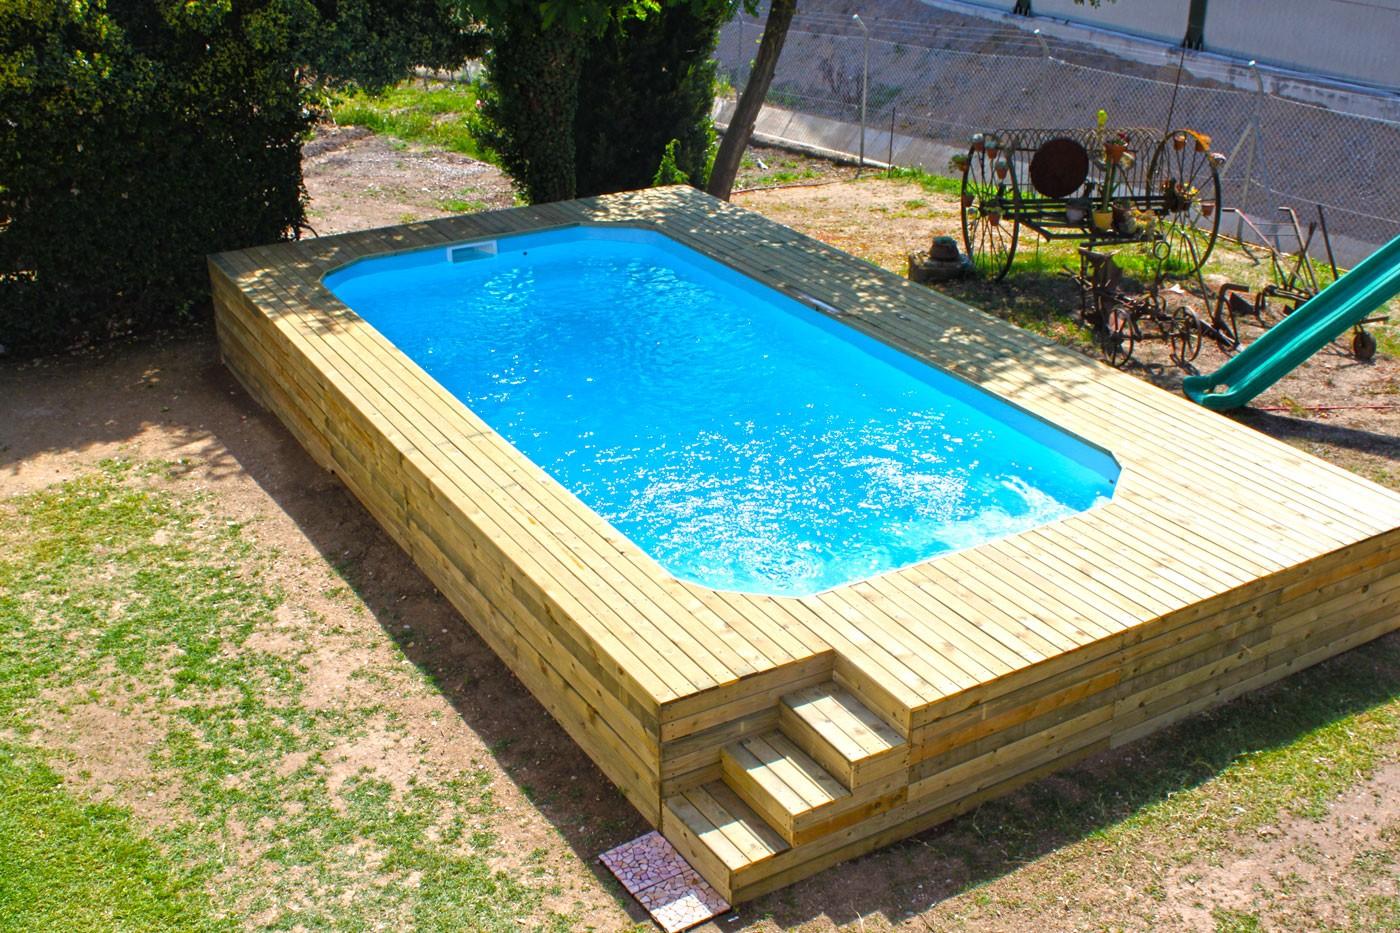 piscina de fibra polister maxi pool piscinas europa - Piscinas De Fibra